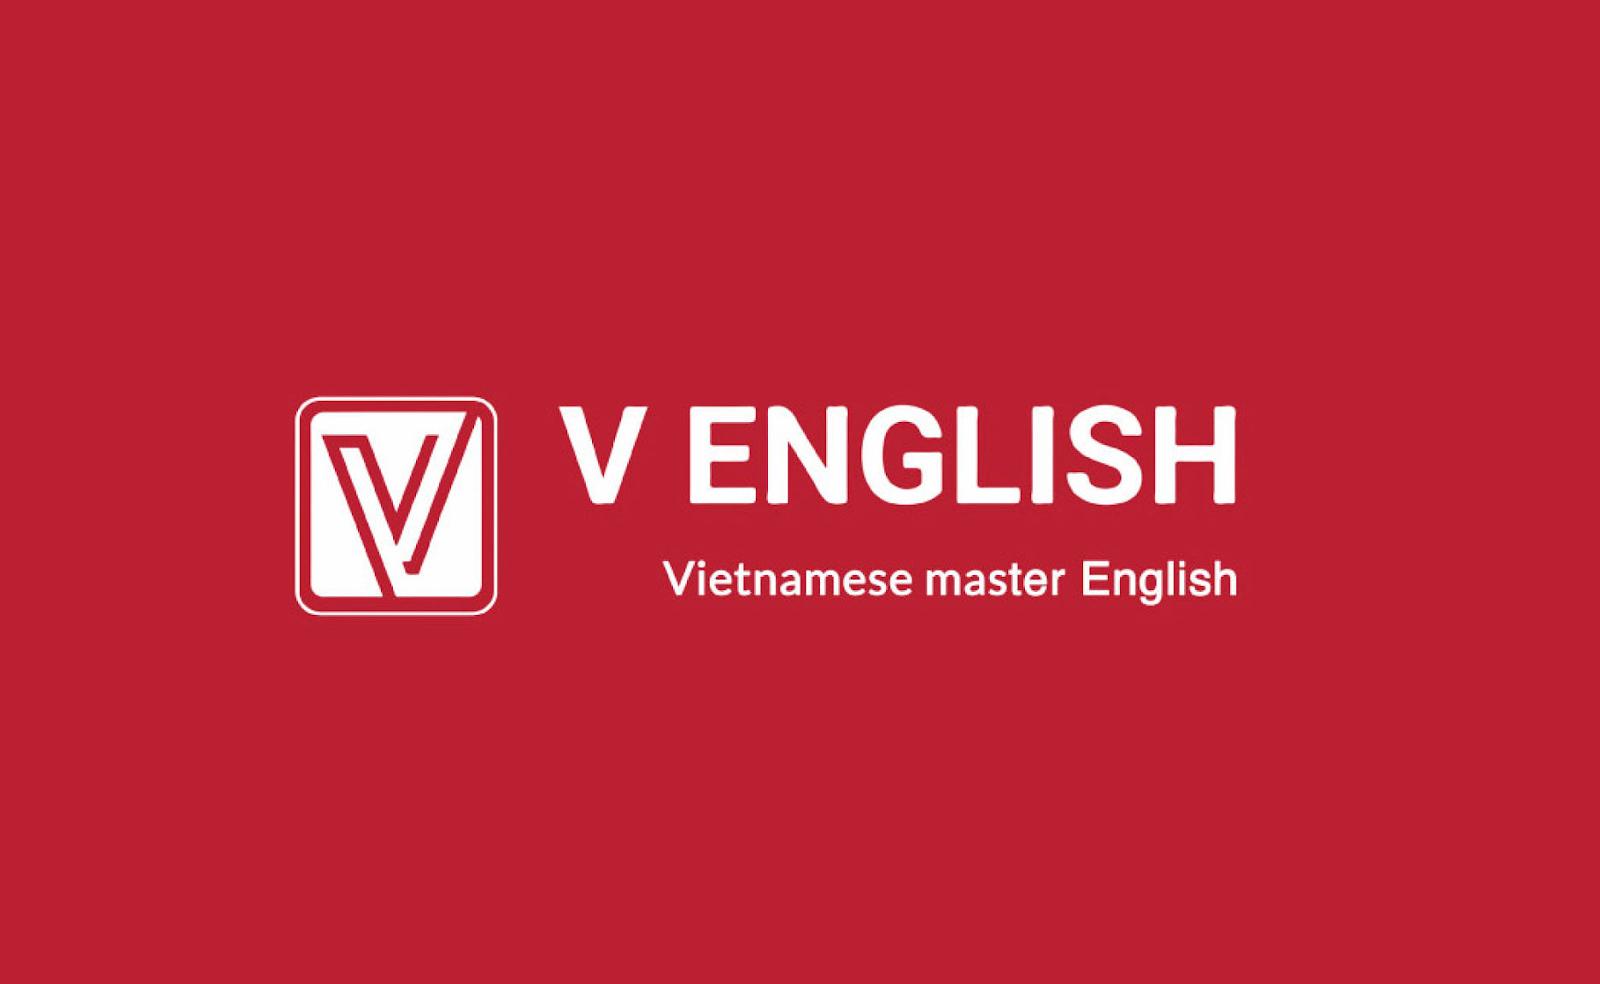 logo ngang V English